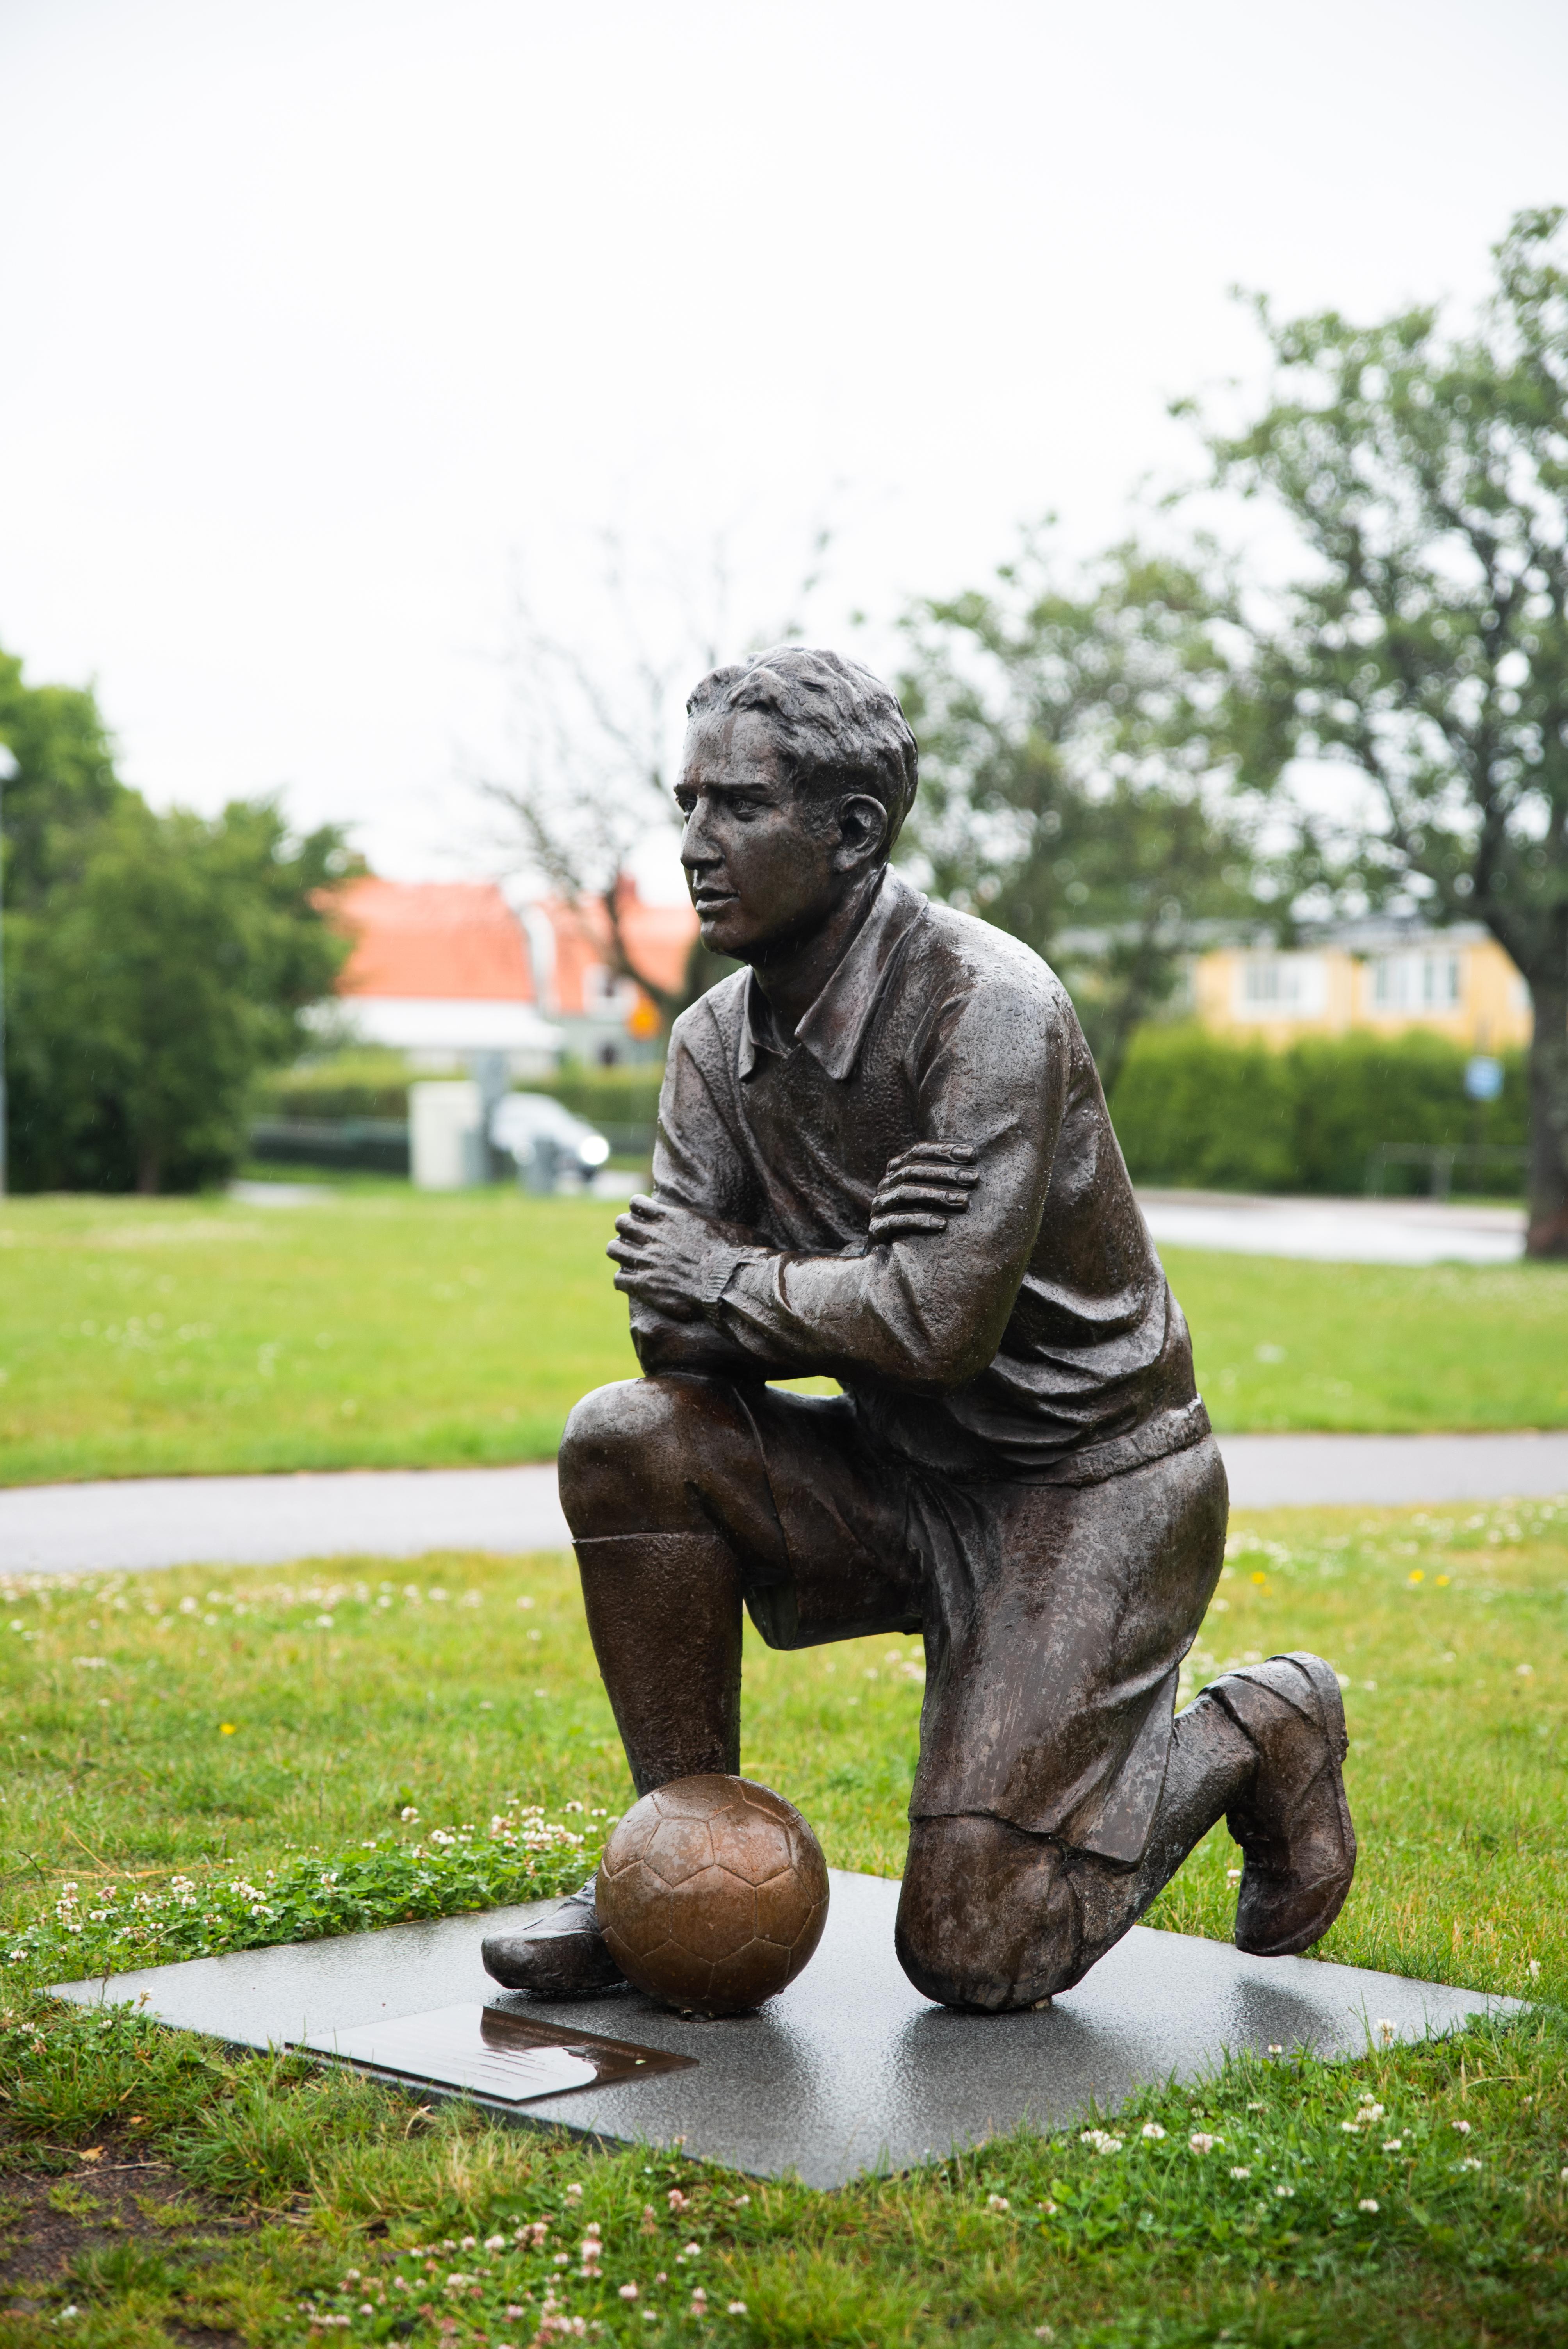 Skulptur föreställande Sven-Agne Larsson - Klicka för att byta till perspektivbild.